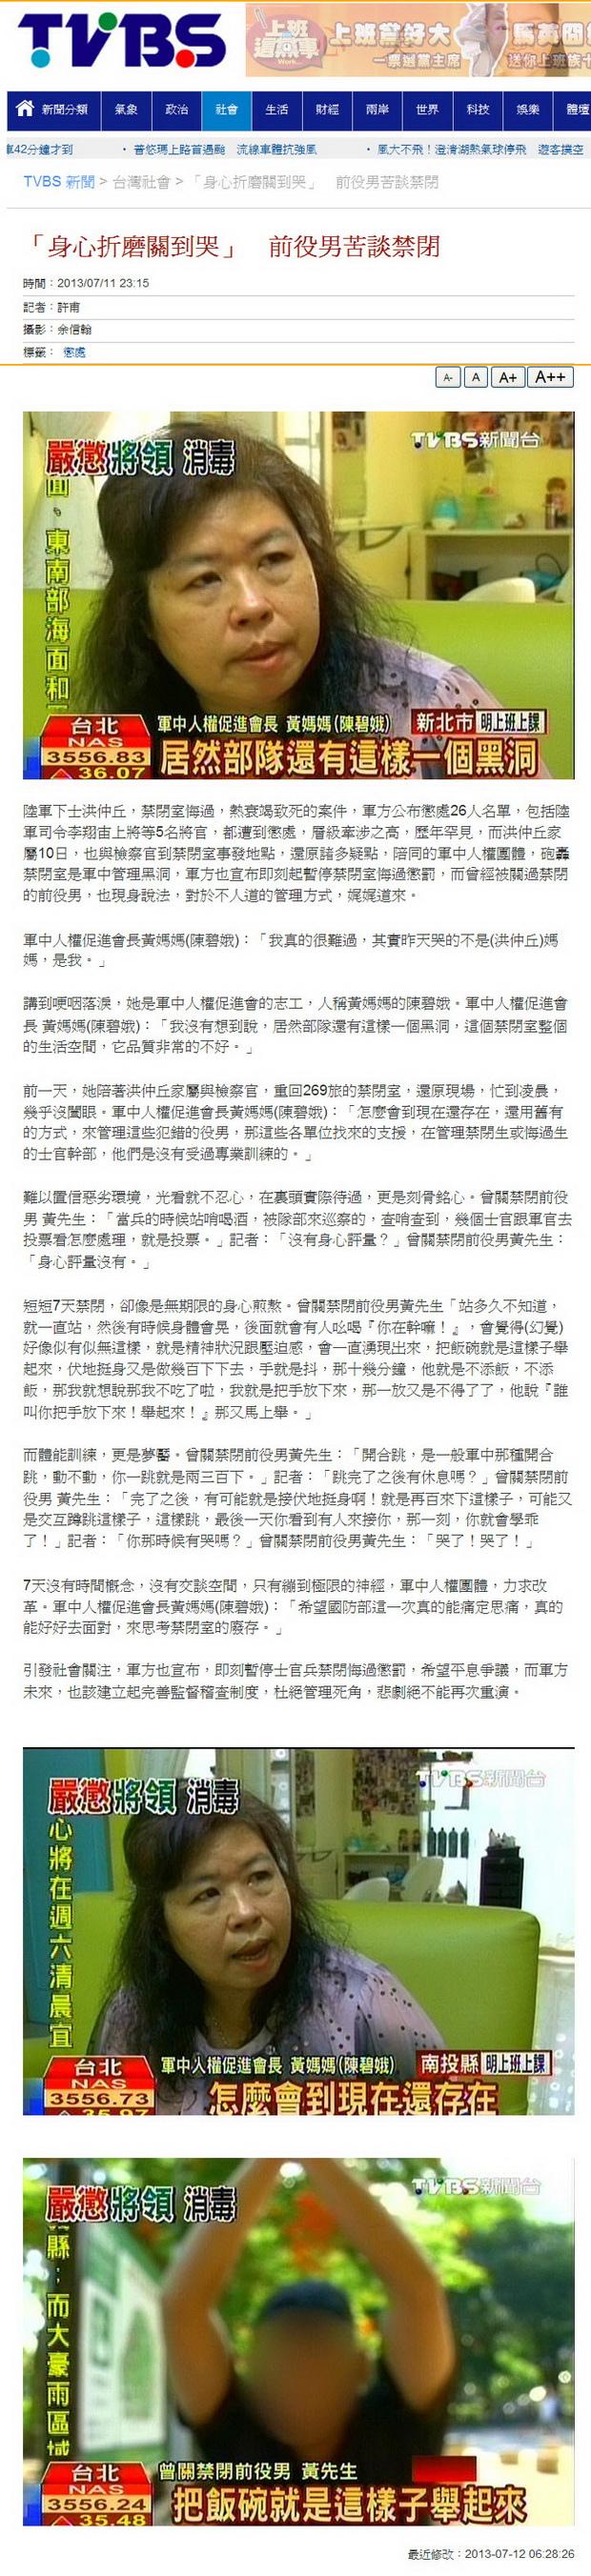 「身心折磨關到哭」 前役男苦談禁閉-2013.07.11.jpg